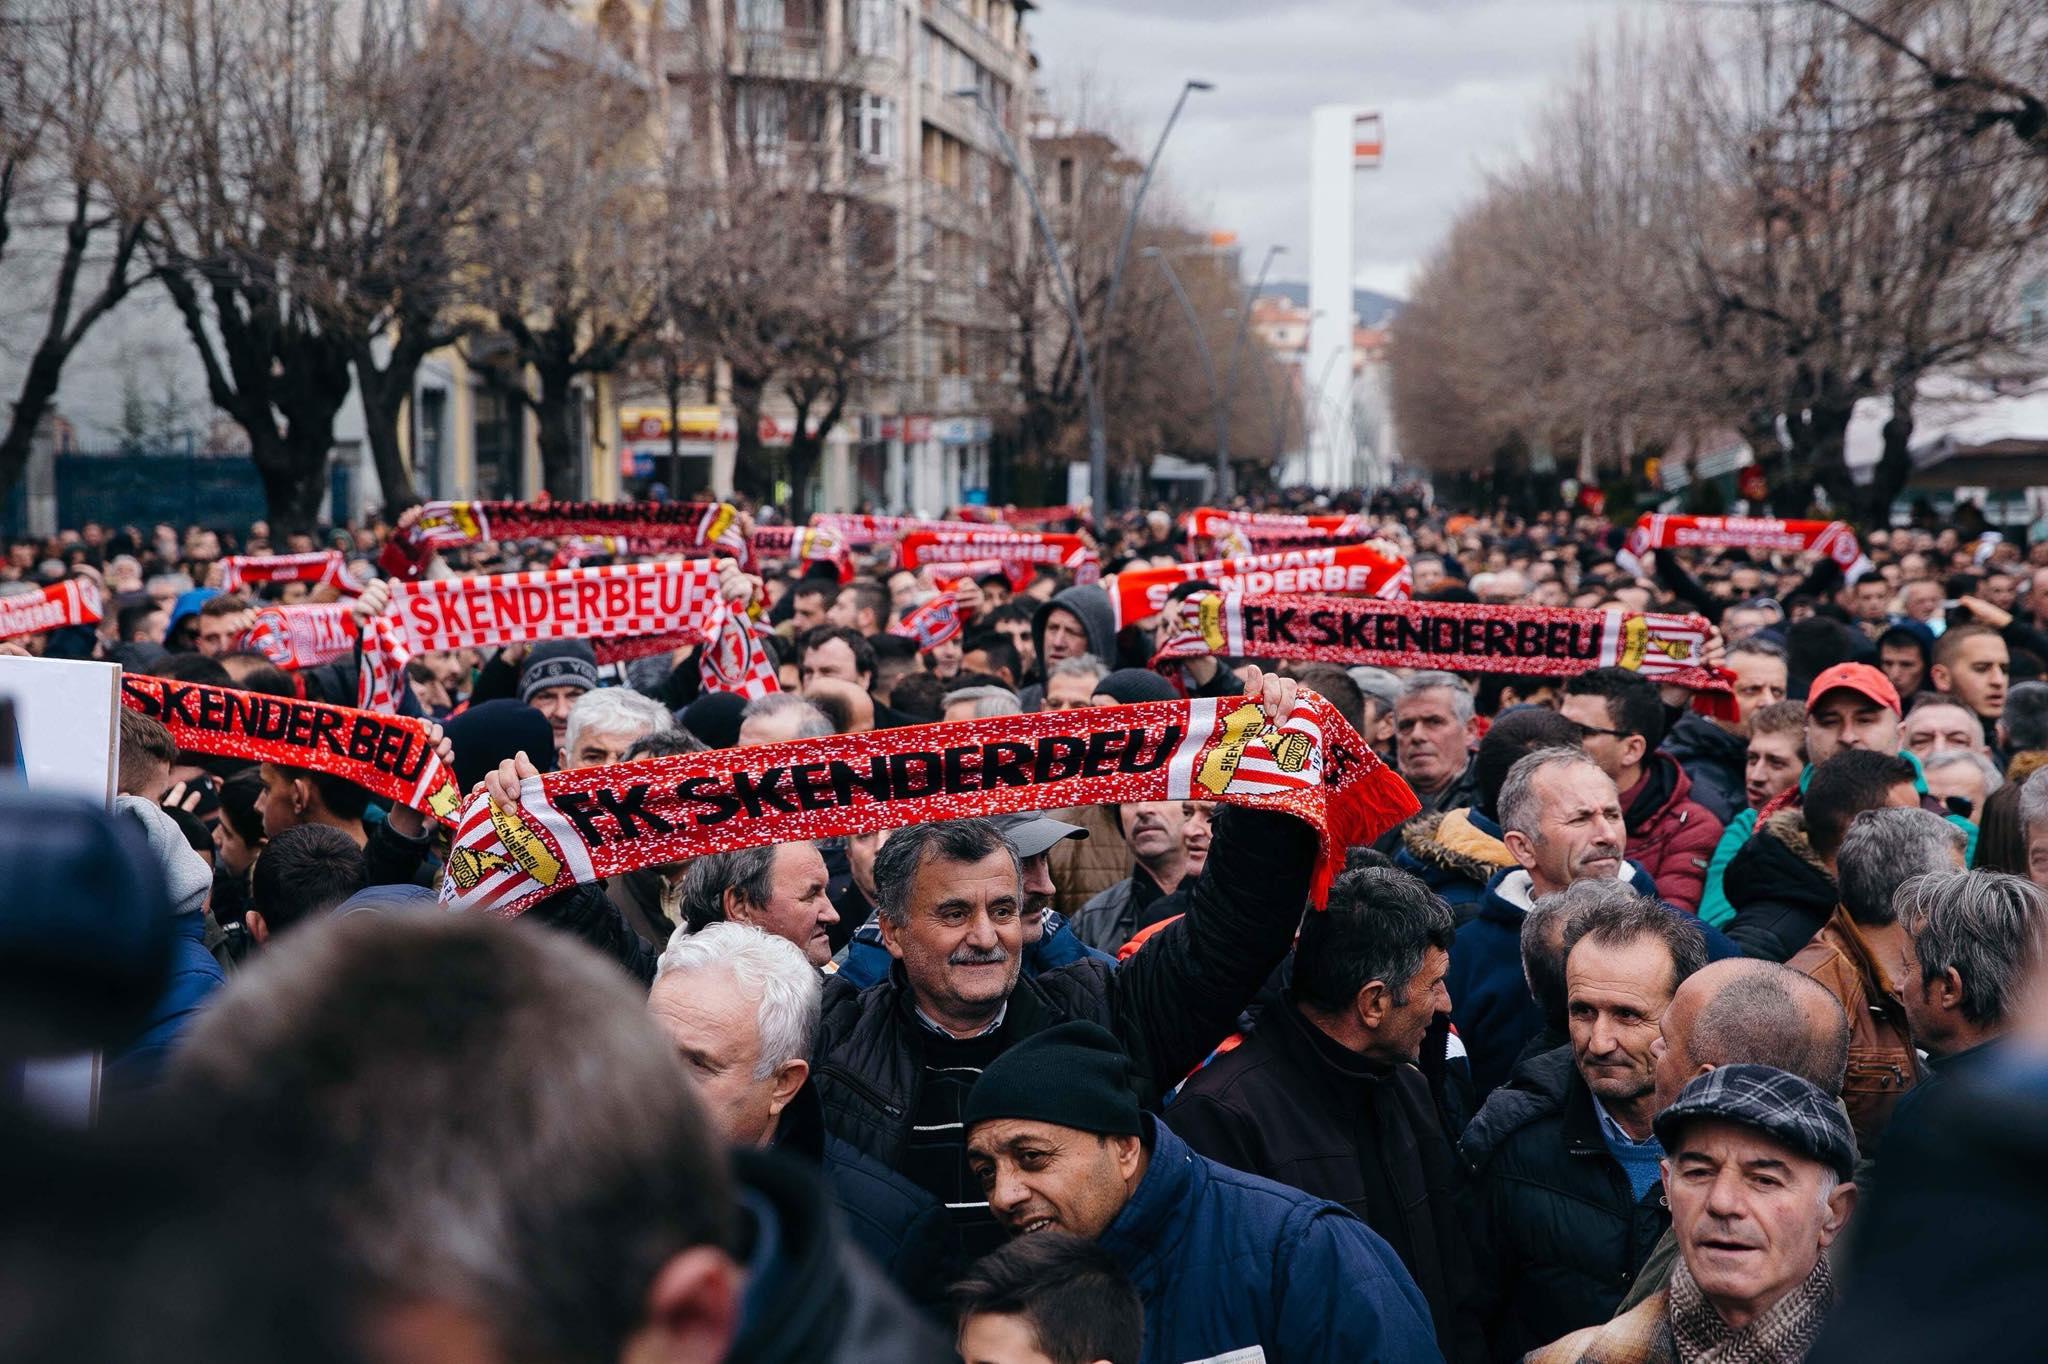 Korçë, miting në mbështetje të Skënderbeut